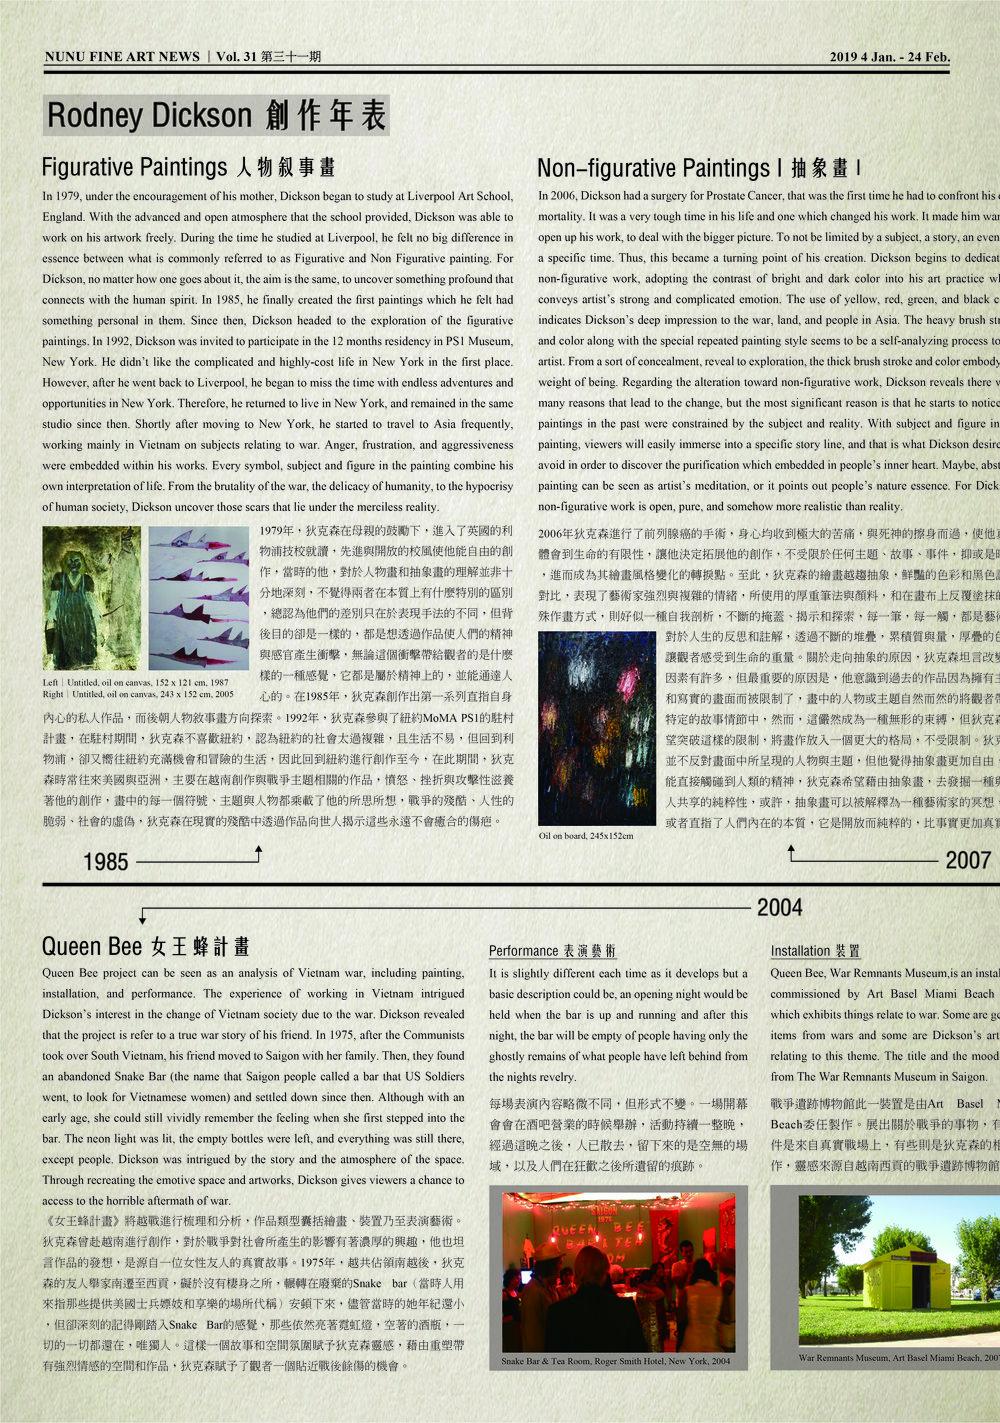 路由藝術報第31期報紙反面-01-01.jpg